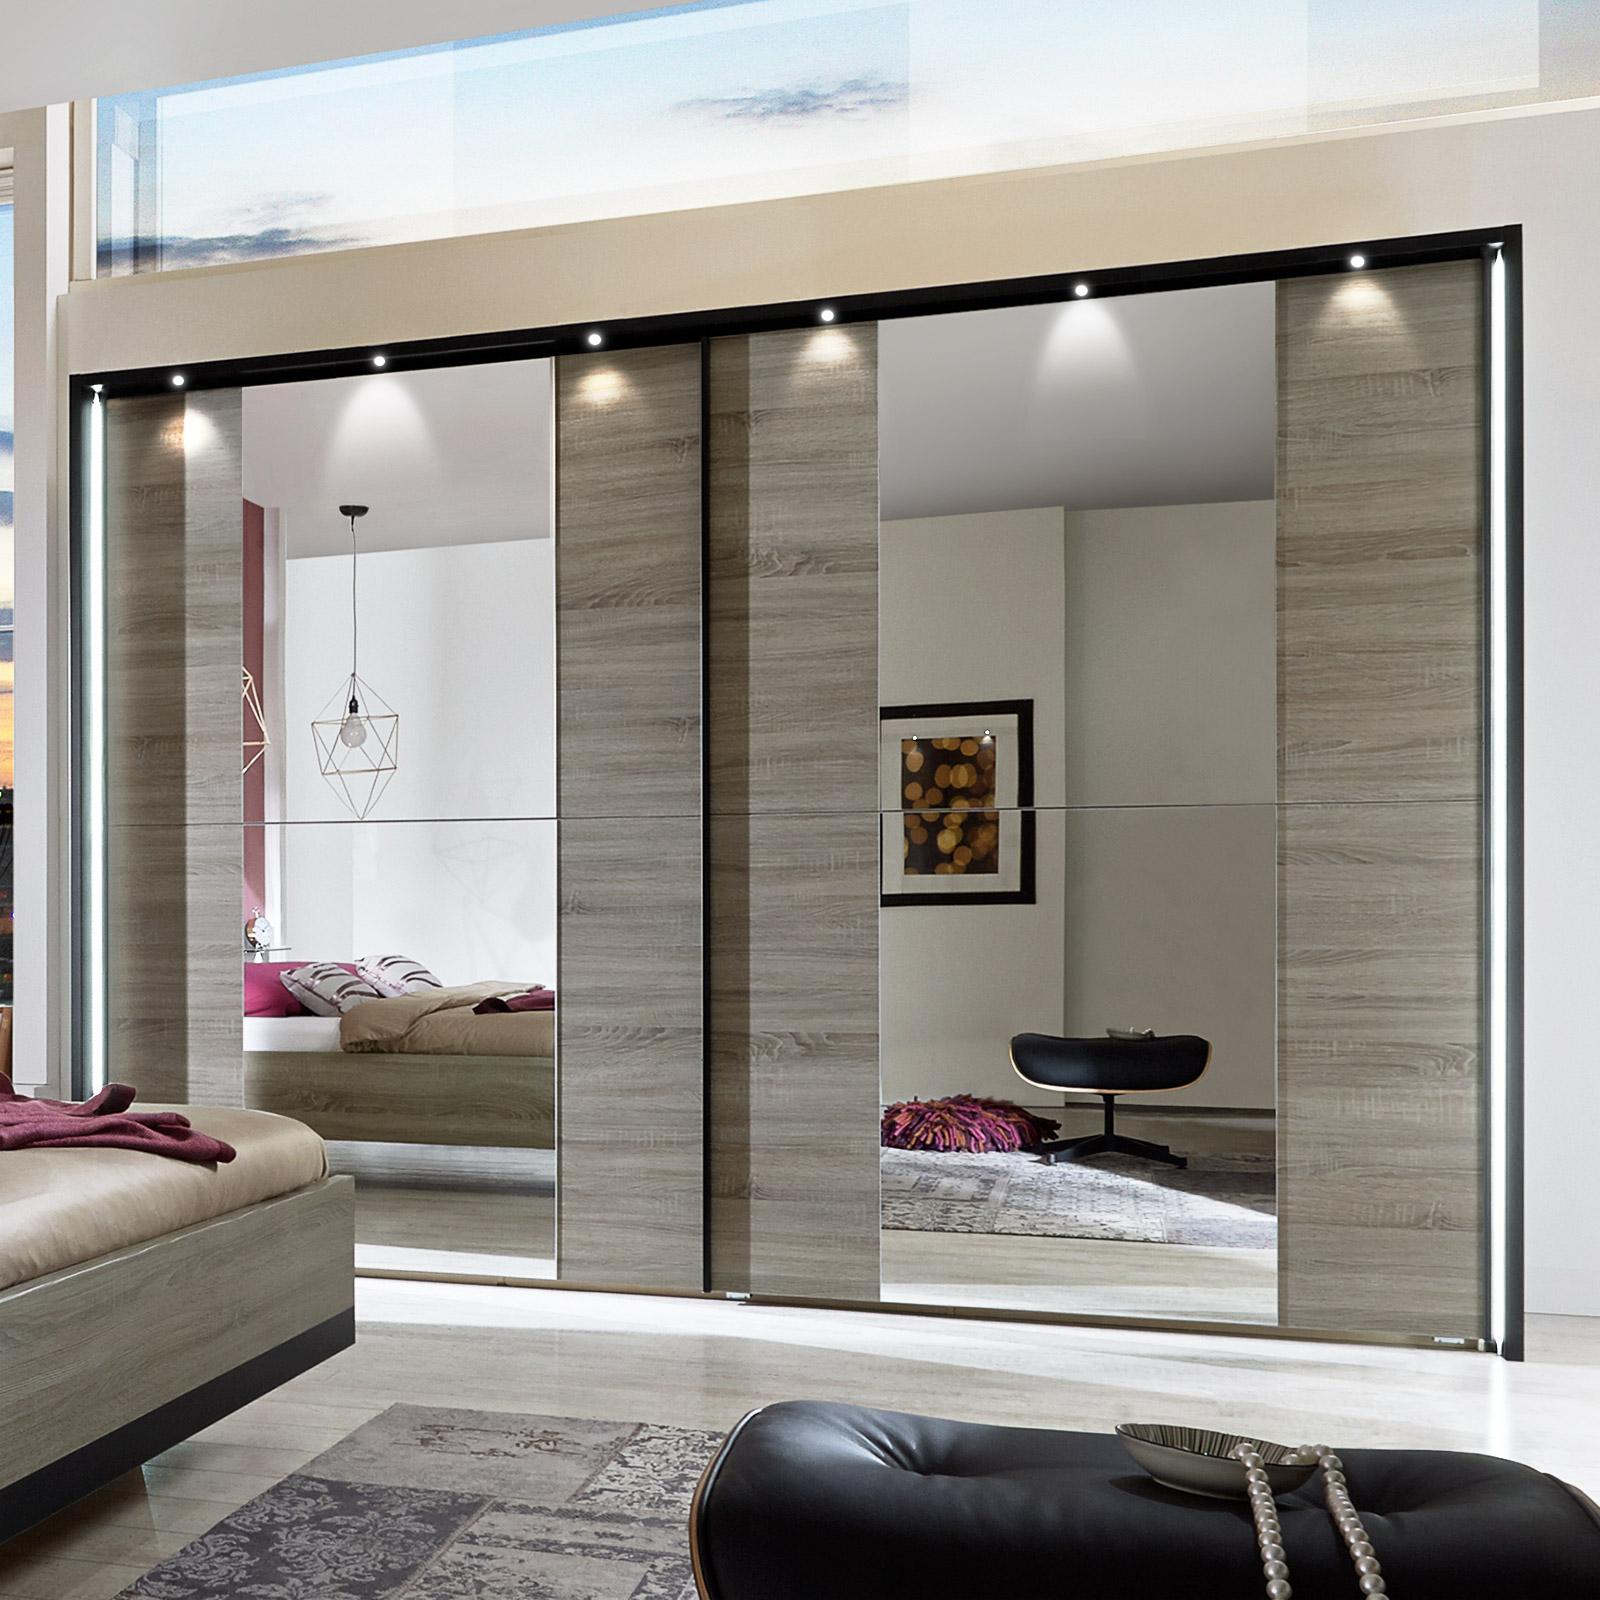 moderner schlafzimmerschrank mit schiebet ren und spiegel. Black Bedroom Furniture Sets. Home Design Ideas